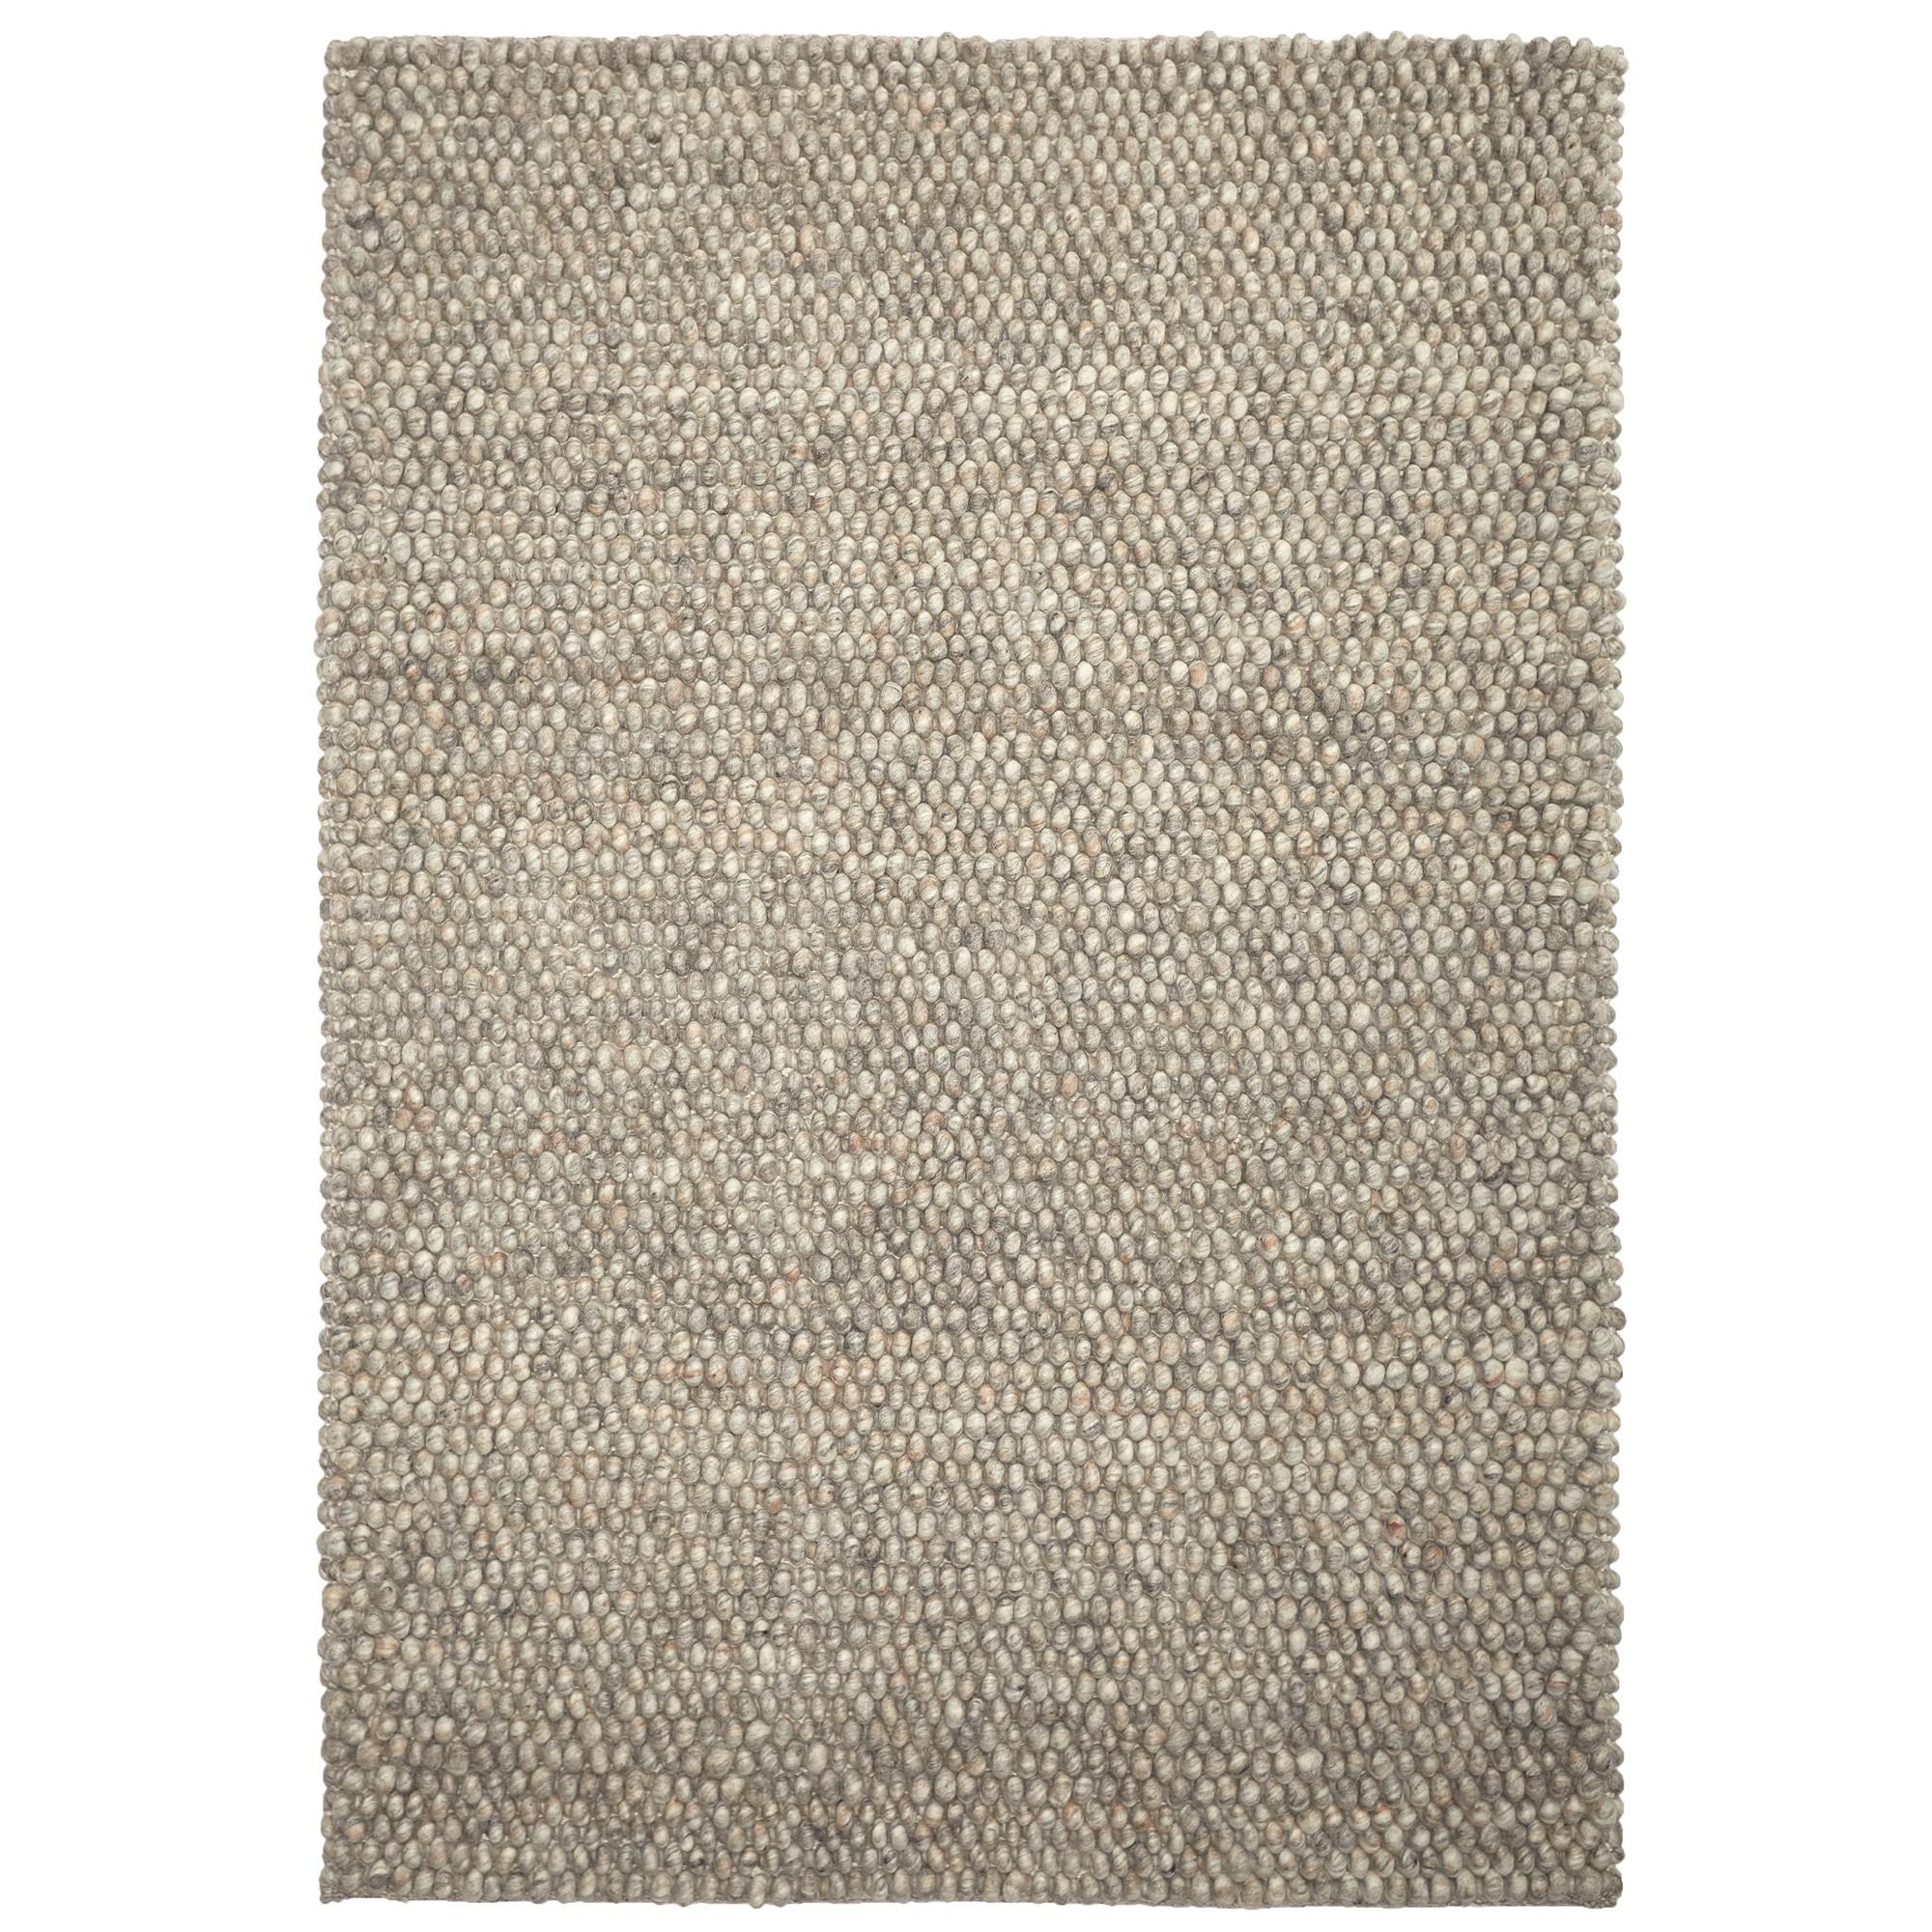 Stones Modern Wool Rug, 160x110cm, Marble